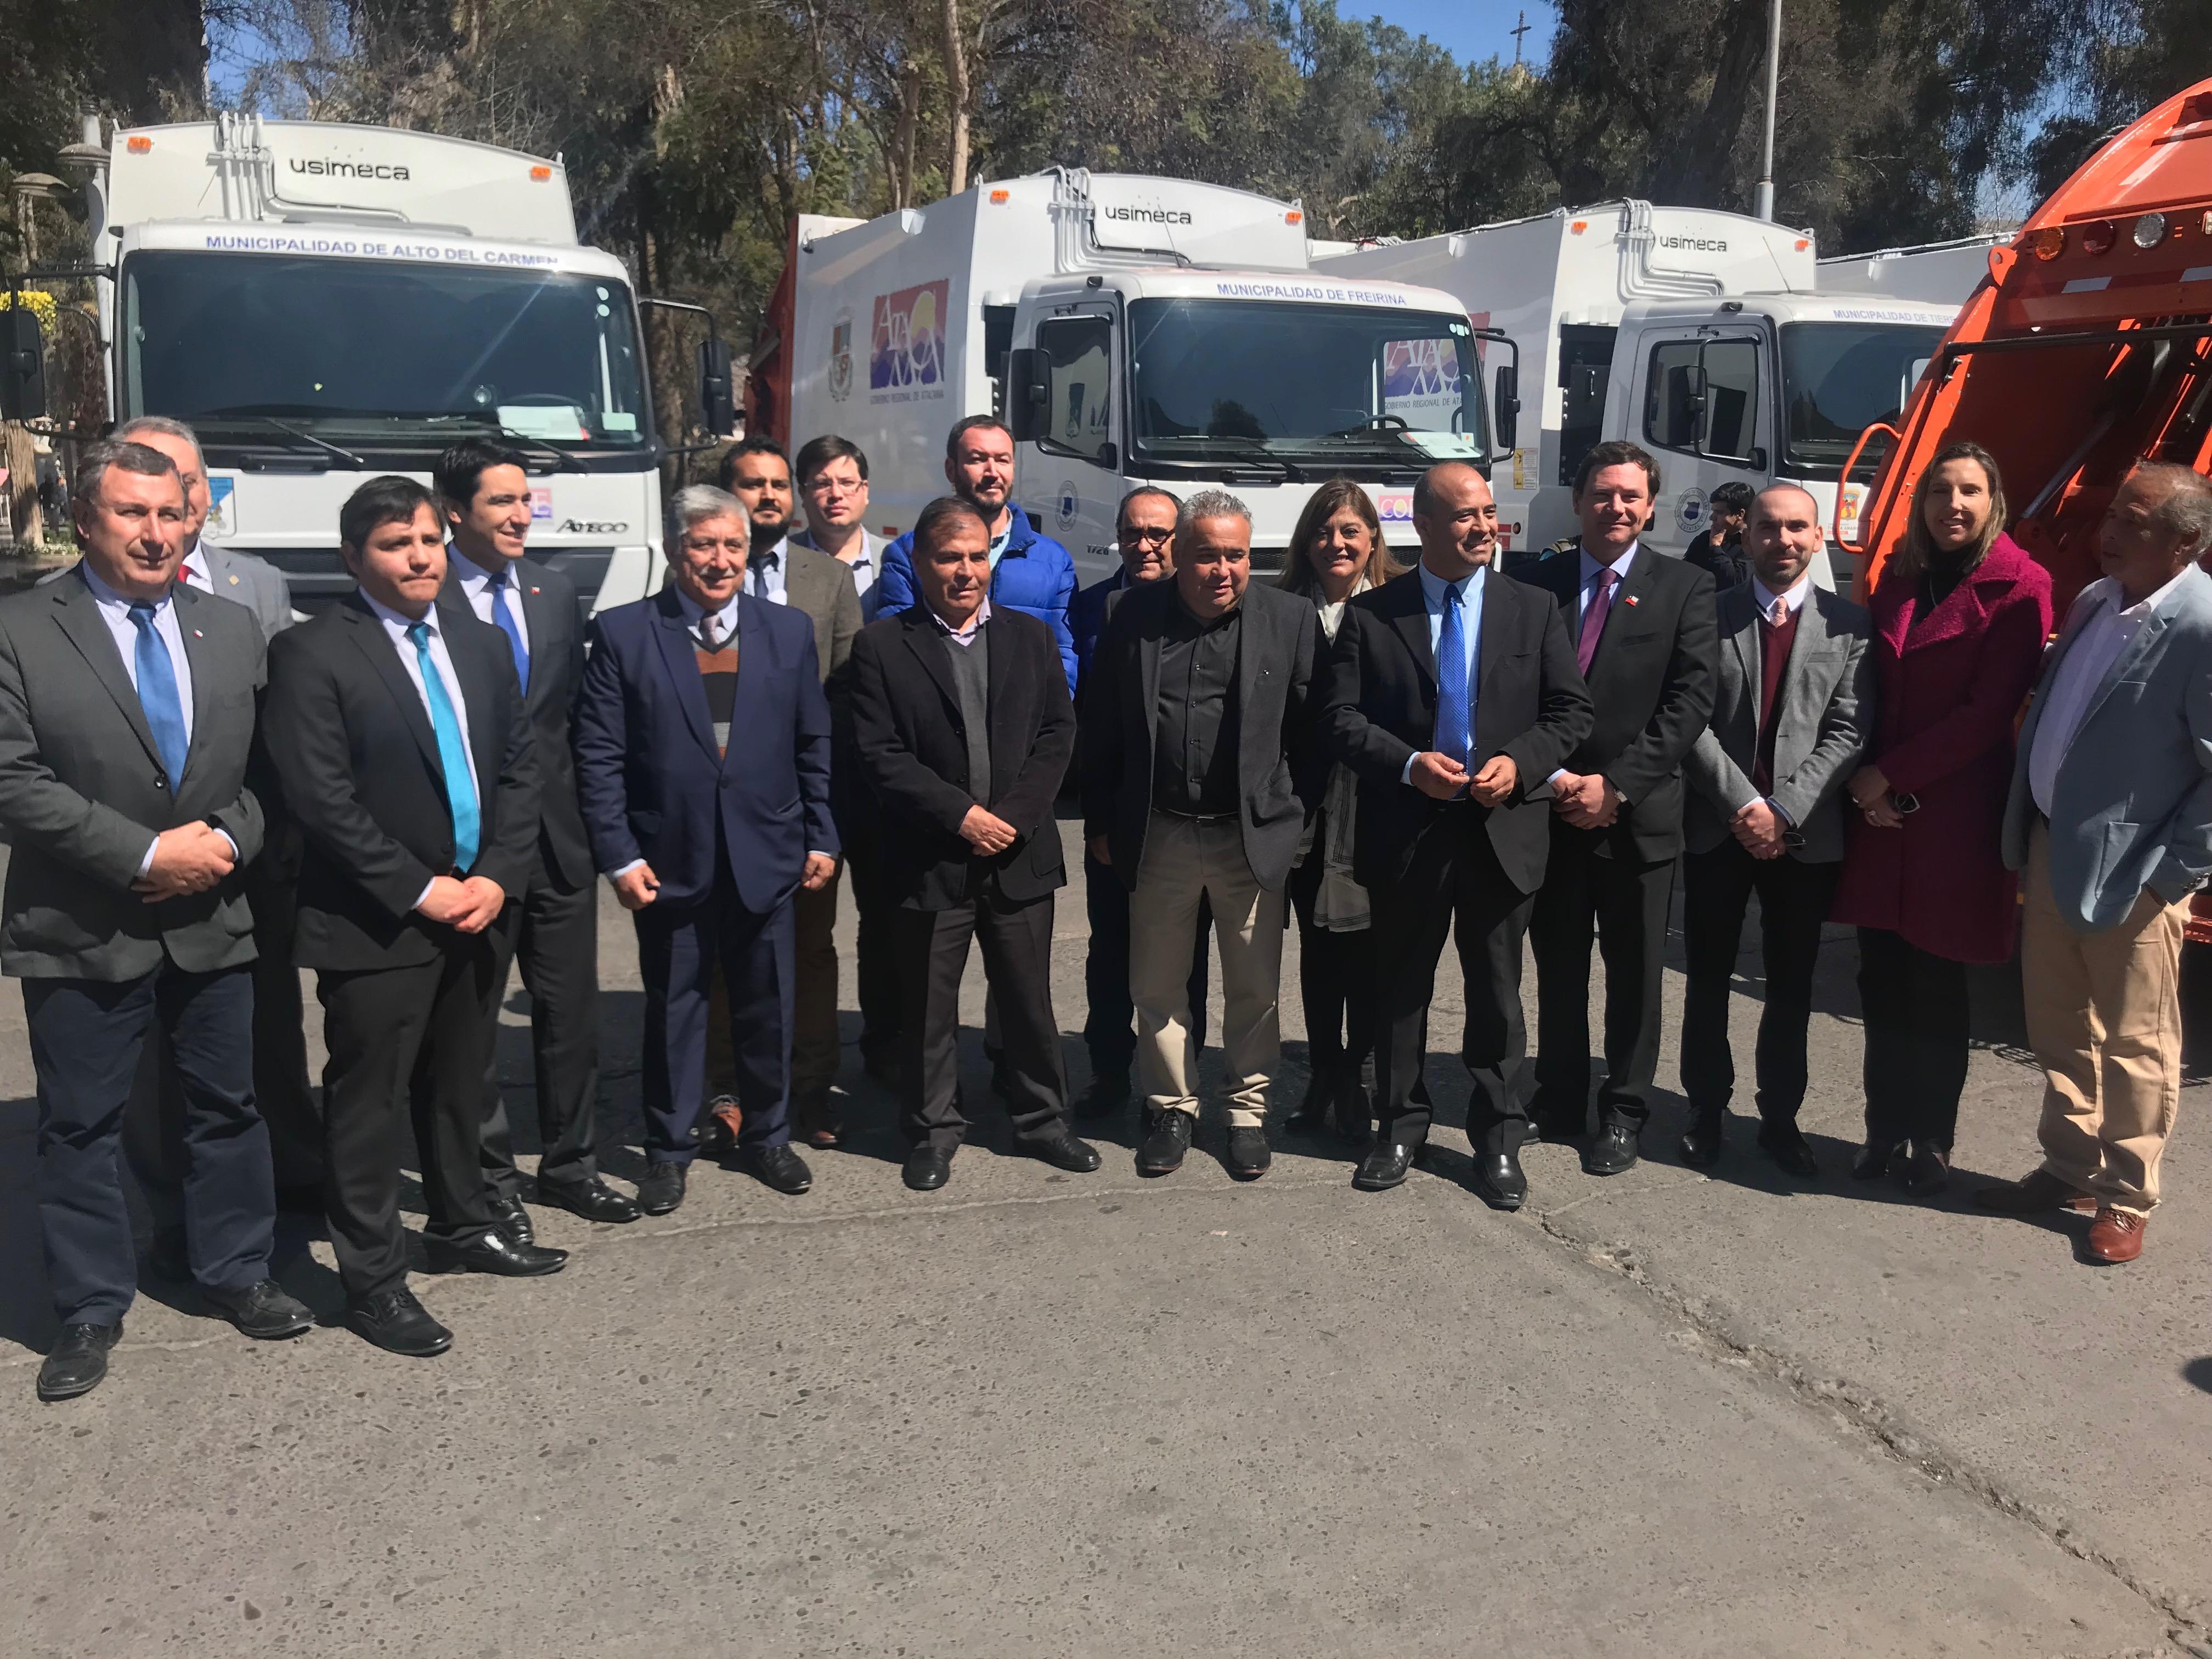 Gobierno Regional entregó camiones recolectores para renovación de flota en distintas comunas de la región